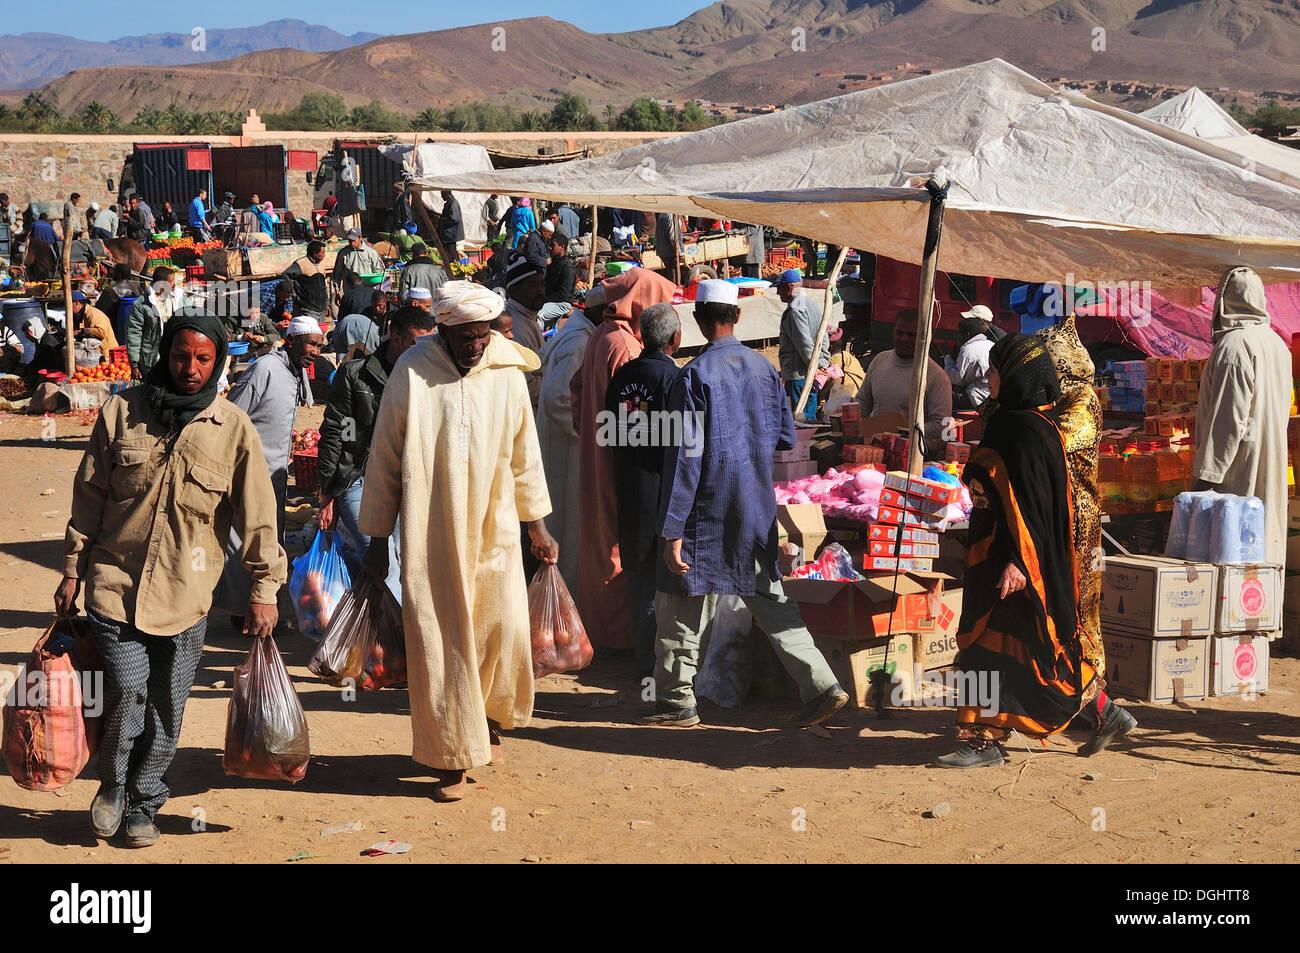 Busy weekly market in Agdz, Draâtal, Agdz, Souss-Massa-Draâ region, Morocco - Stock Image